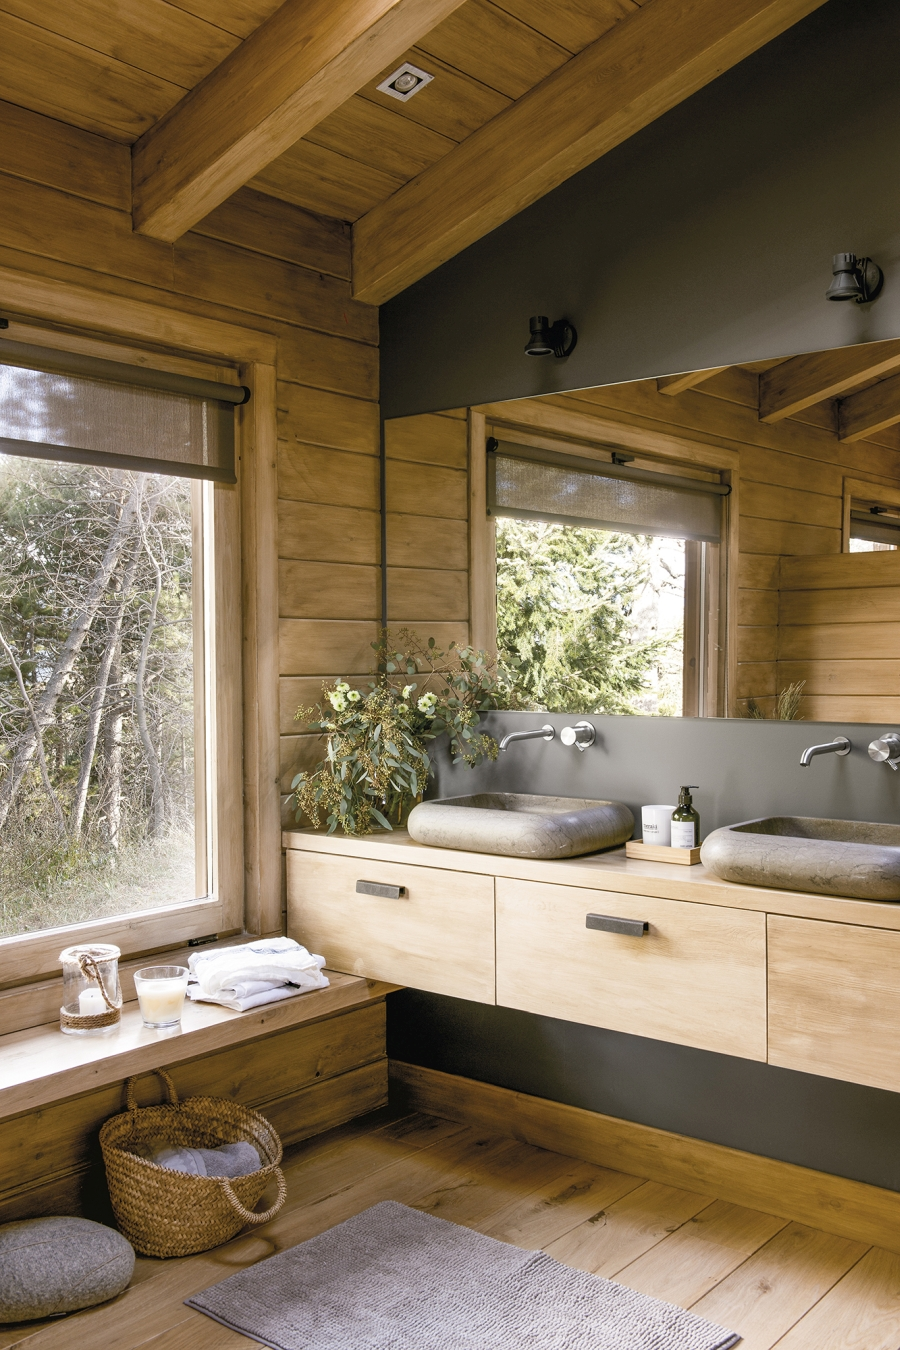 Drewniany domek w środku lasu - wystrój wnętrz, wnętrza, urządzanie mieszkania, dom, home decor, dekoracje, aranżacje, drewniany dom, drewno, eco, ekolodiczny, naturalny, cozy home, styl skandynawski, scandinavian style, otwarta przestrzeń, salon, living room, kuchnia, kitchen, jadalnia, wyspa kuchenna, łazienka, kamienna umywalka